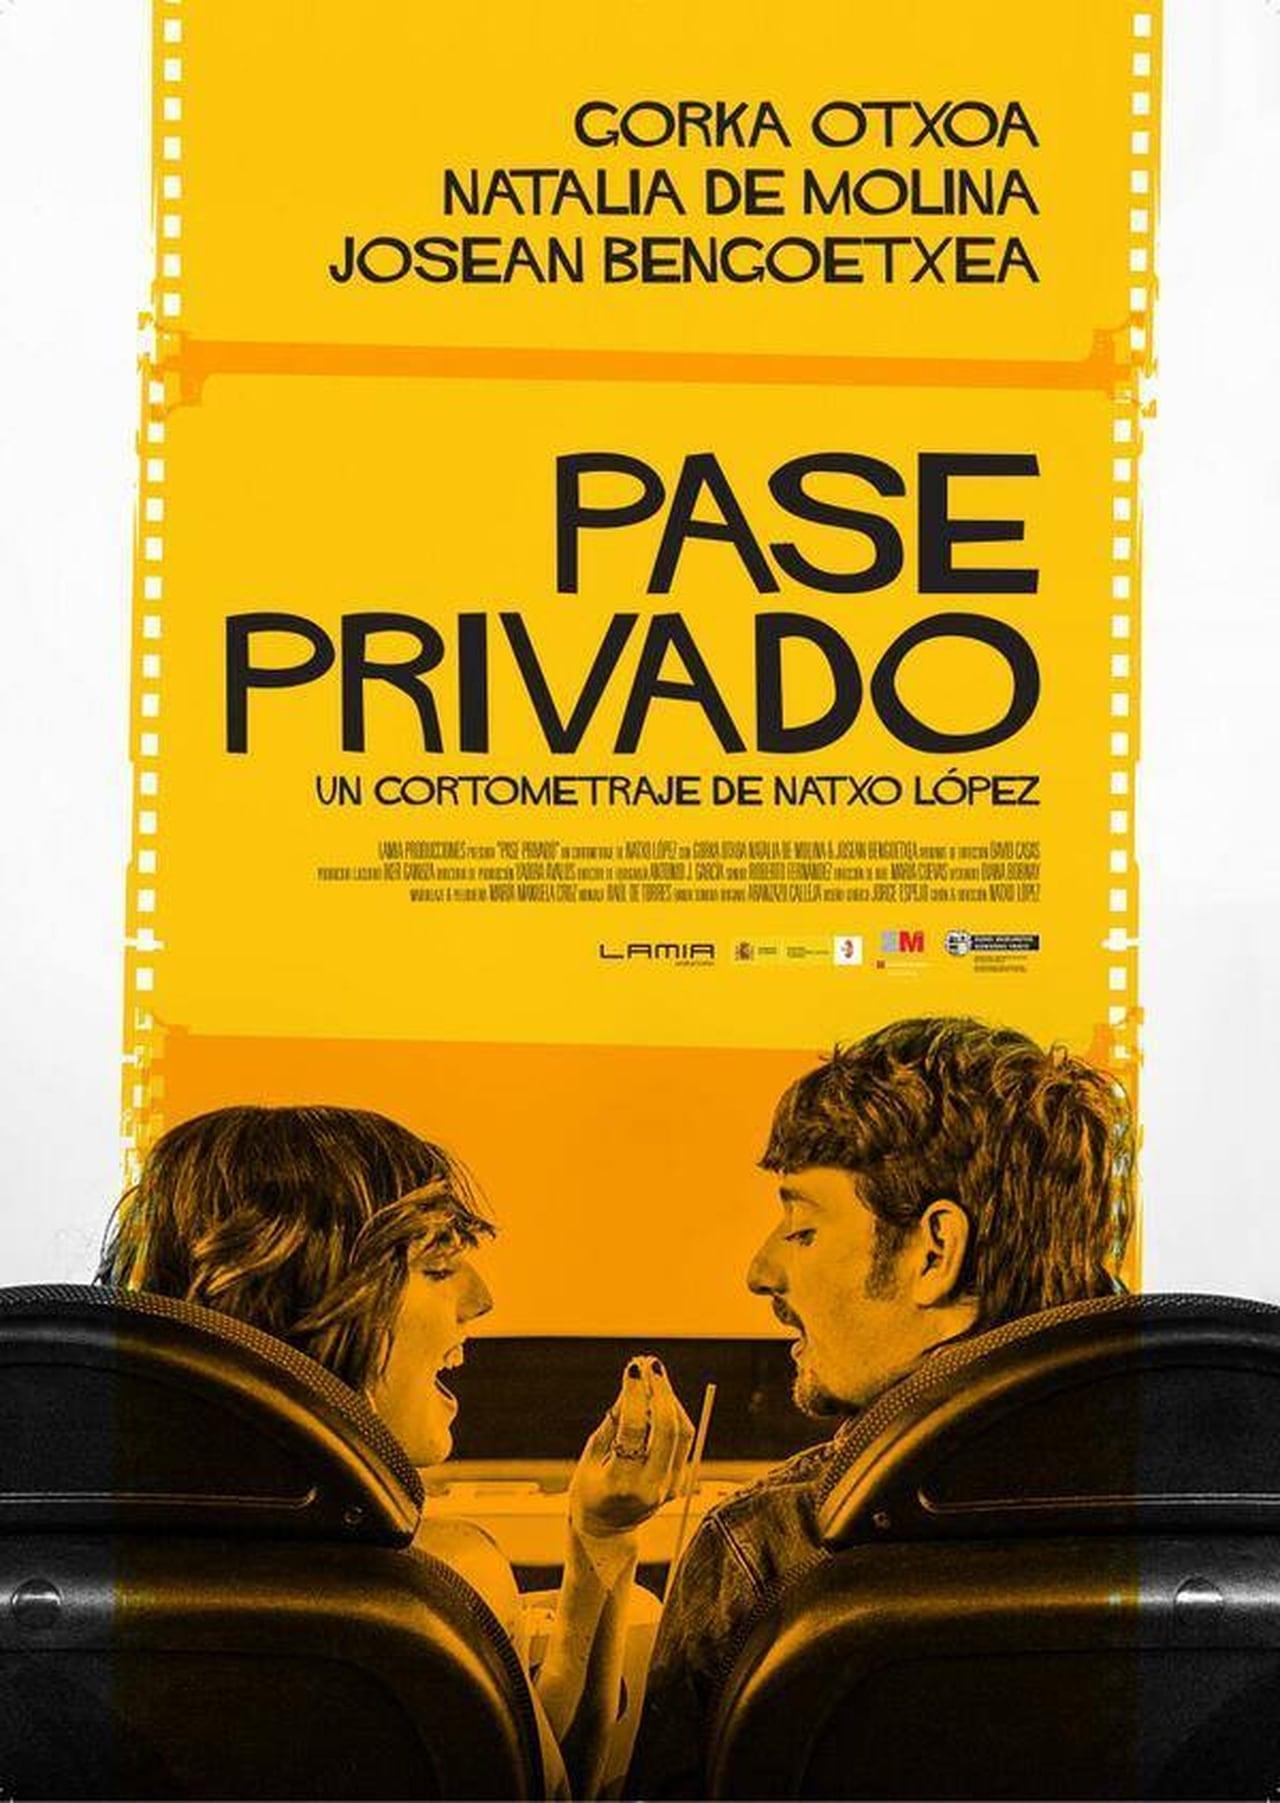 Pase privado